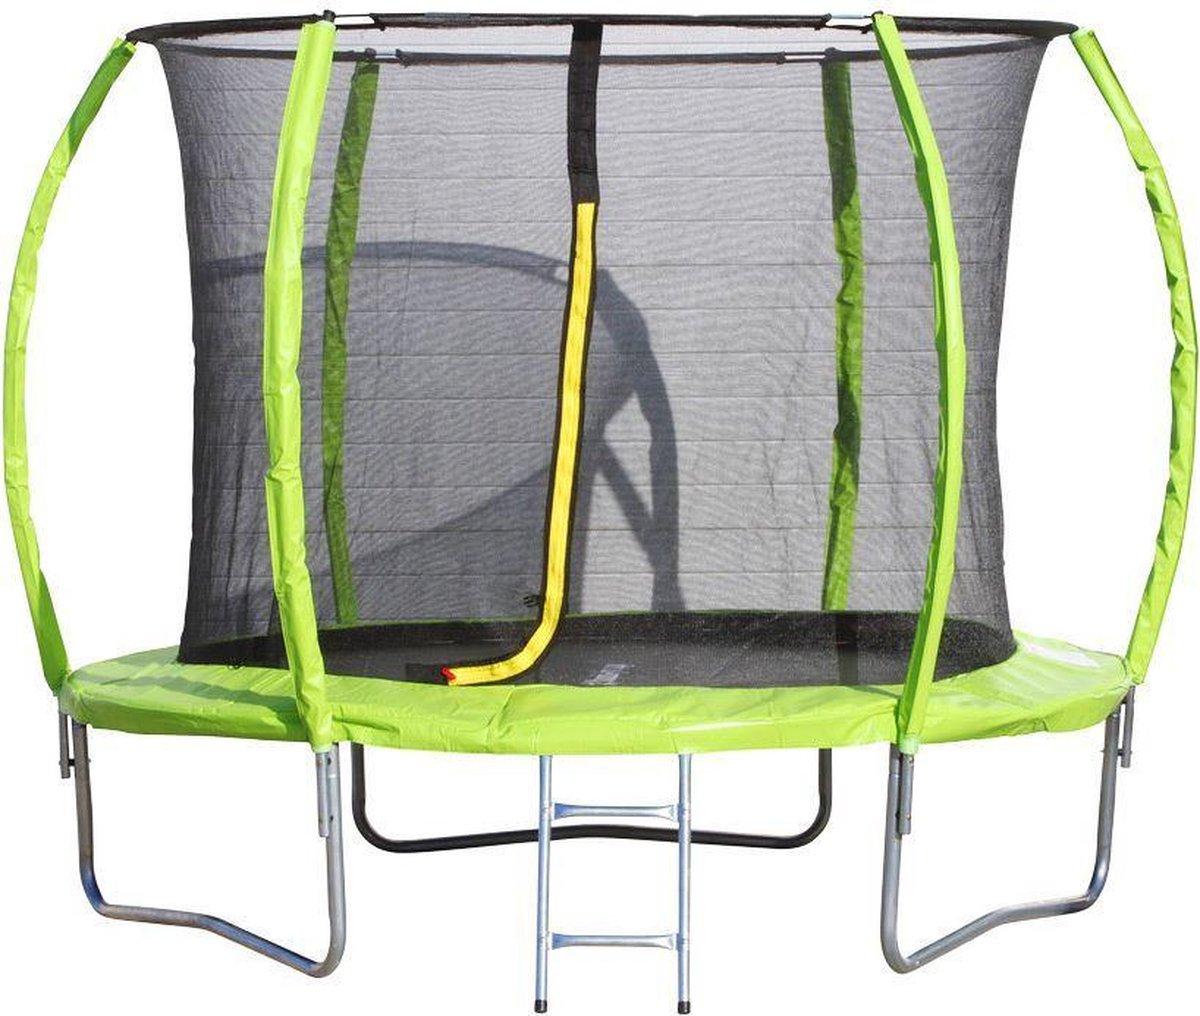 Trampoline Premium rond diam. 244 cm (incl. net)